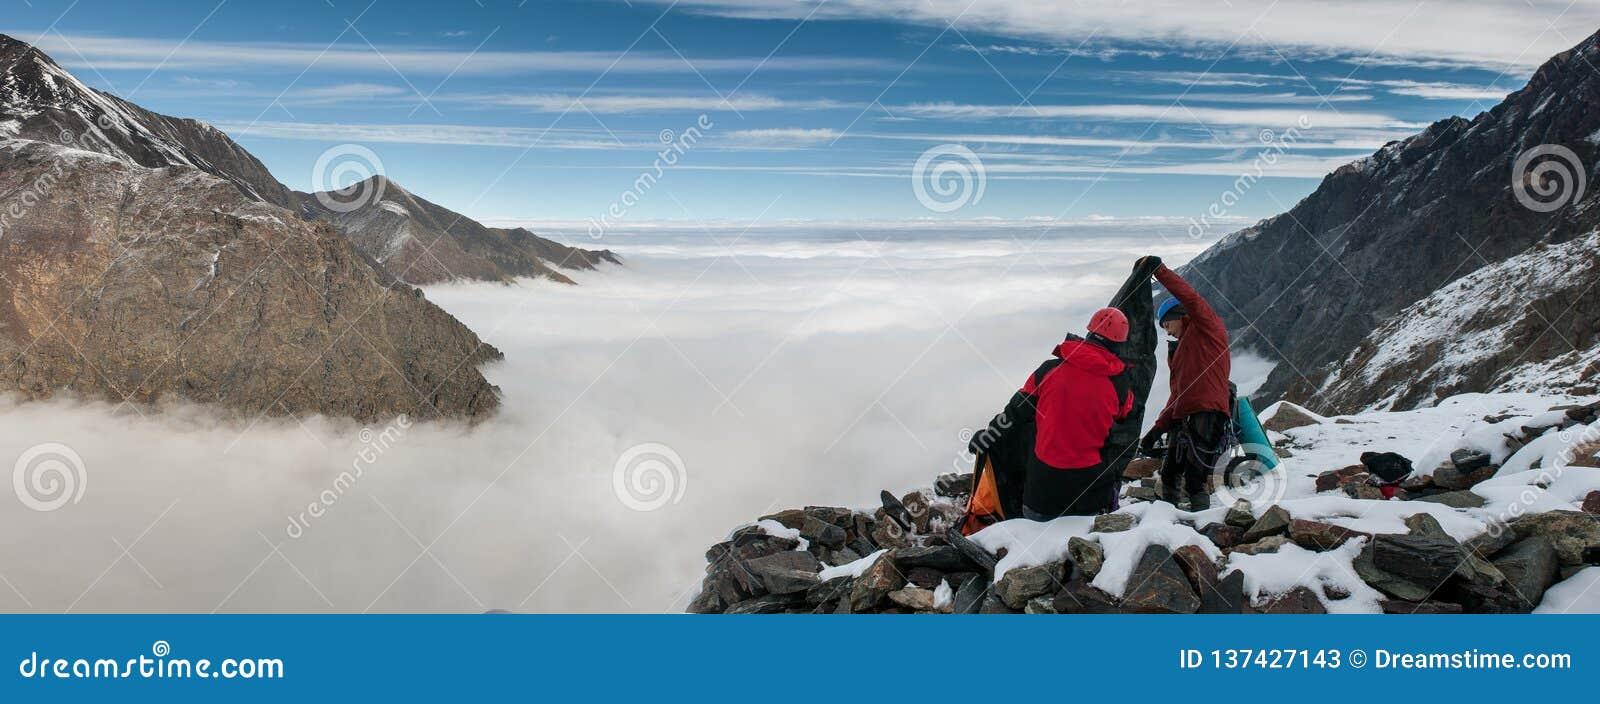 Montagnes, voyage, nature, neige, nuages